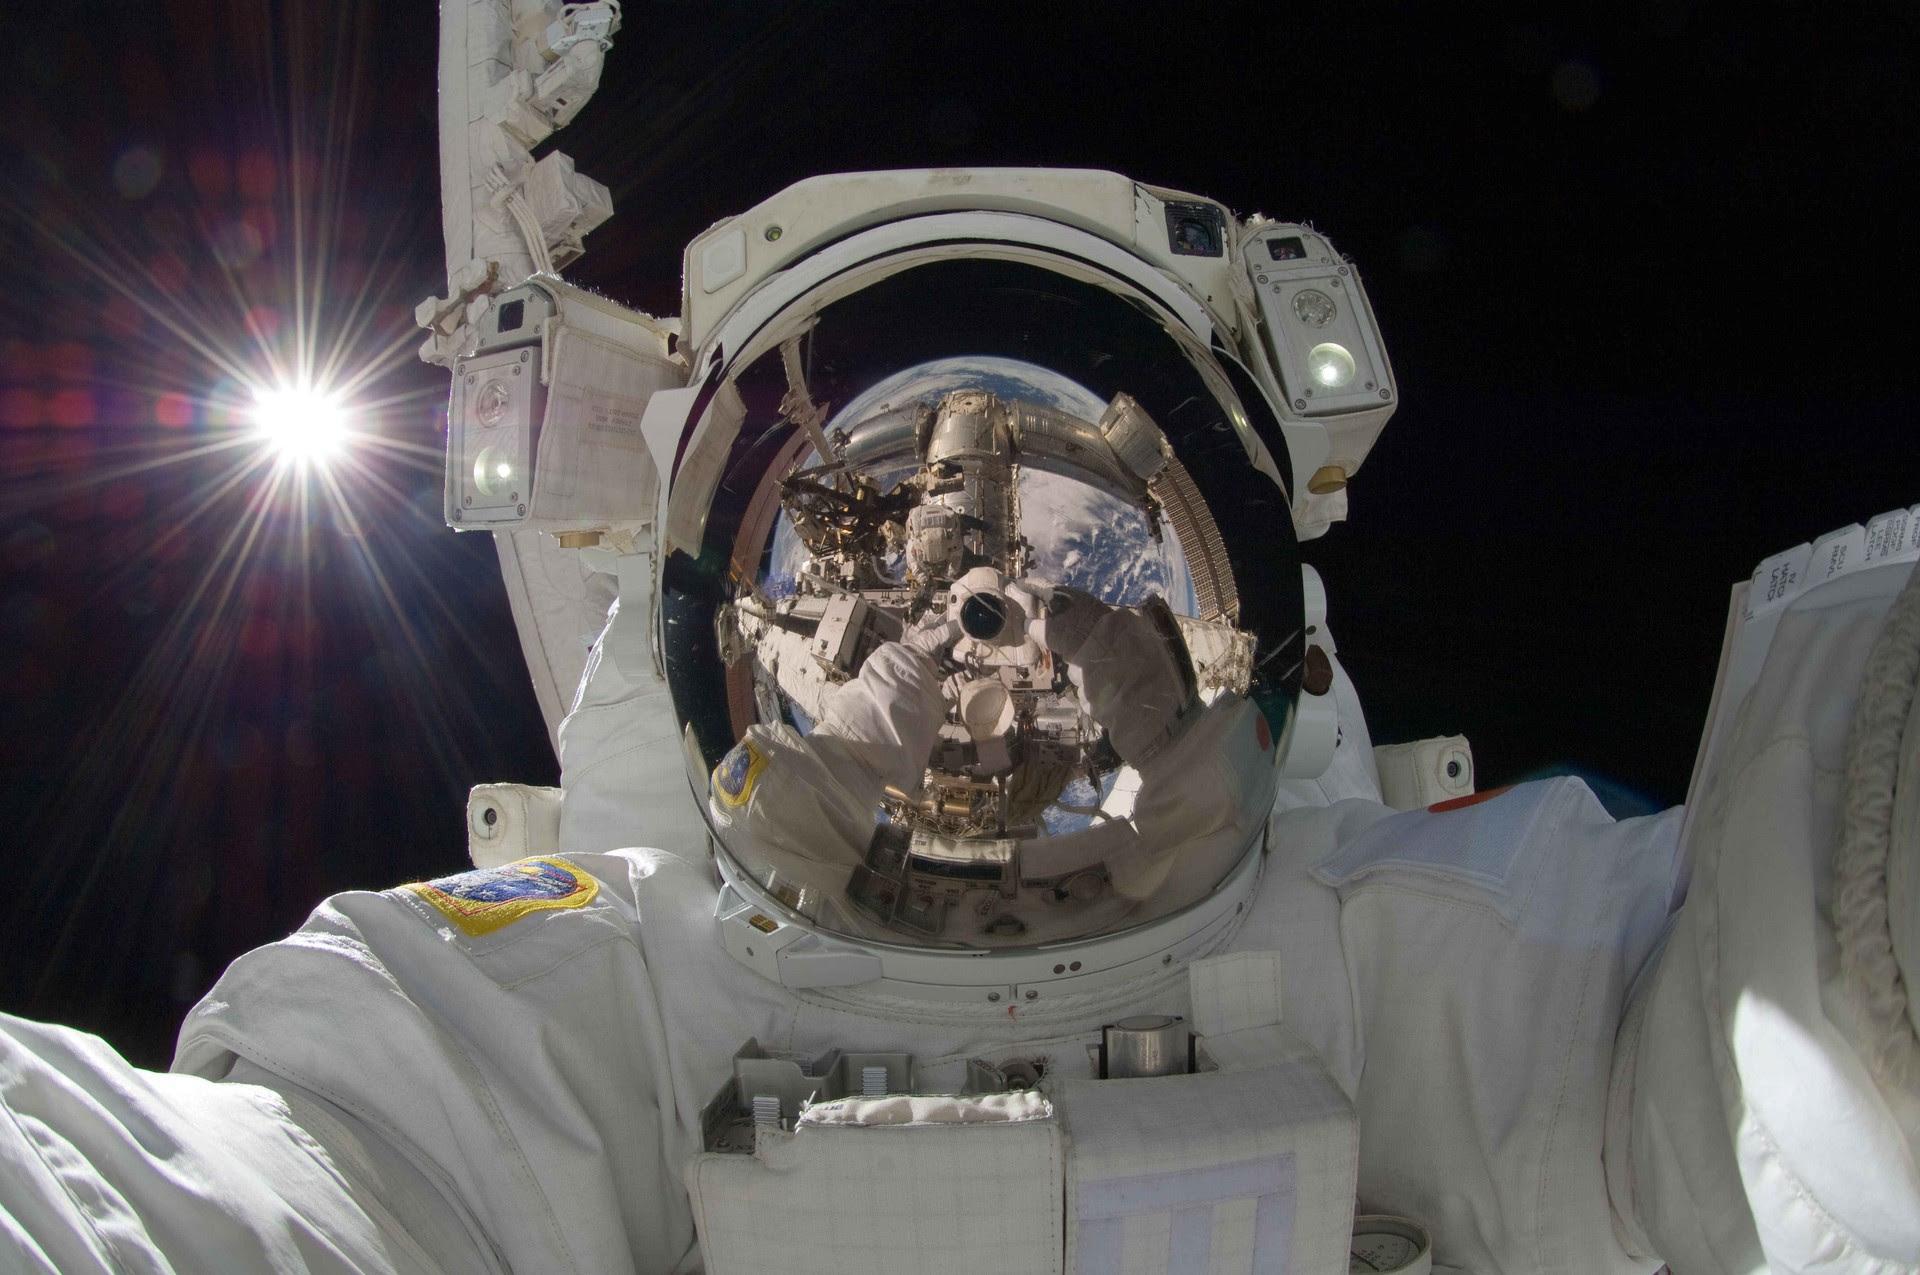 Selfie direto da Estação Espacial Internacional (Foto: Divulgação - Nasa)